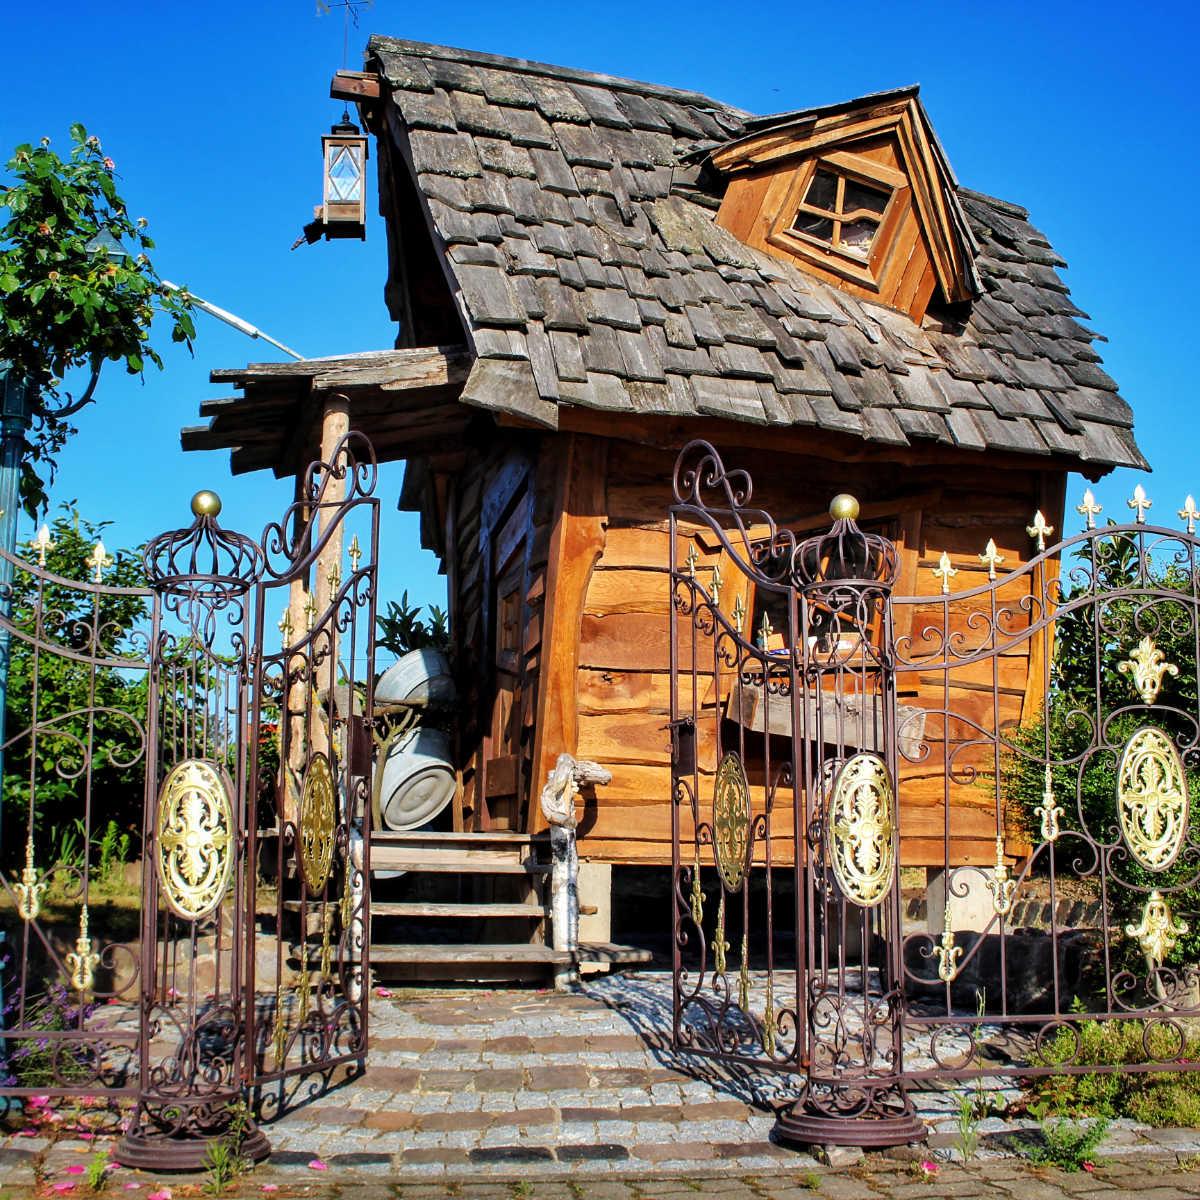 Hexenhaus mit Hexengarten und Schmiede Eisernen Zaun